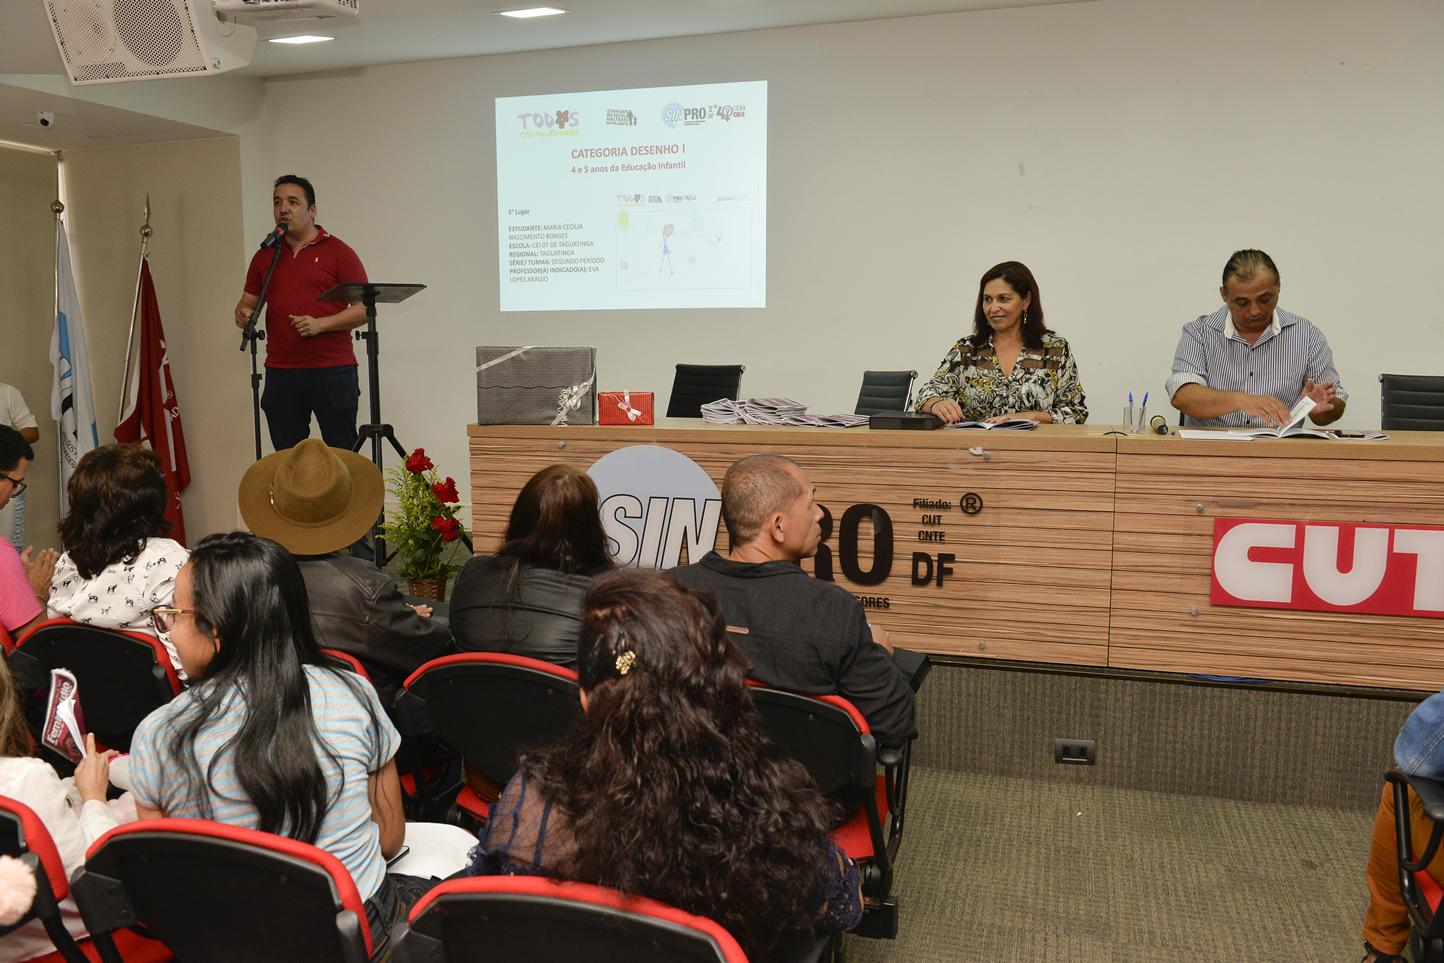 2019.05.16_PREMIACAO-DO-X-CONCURSO-DE-REDACAO_fotos-Deva-Garcia-3